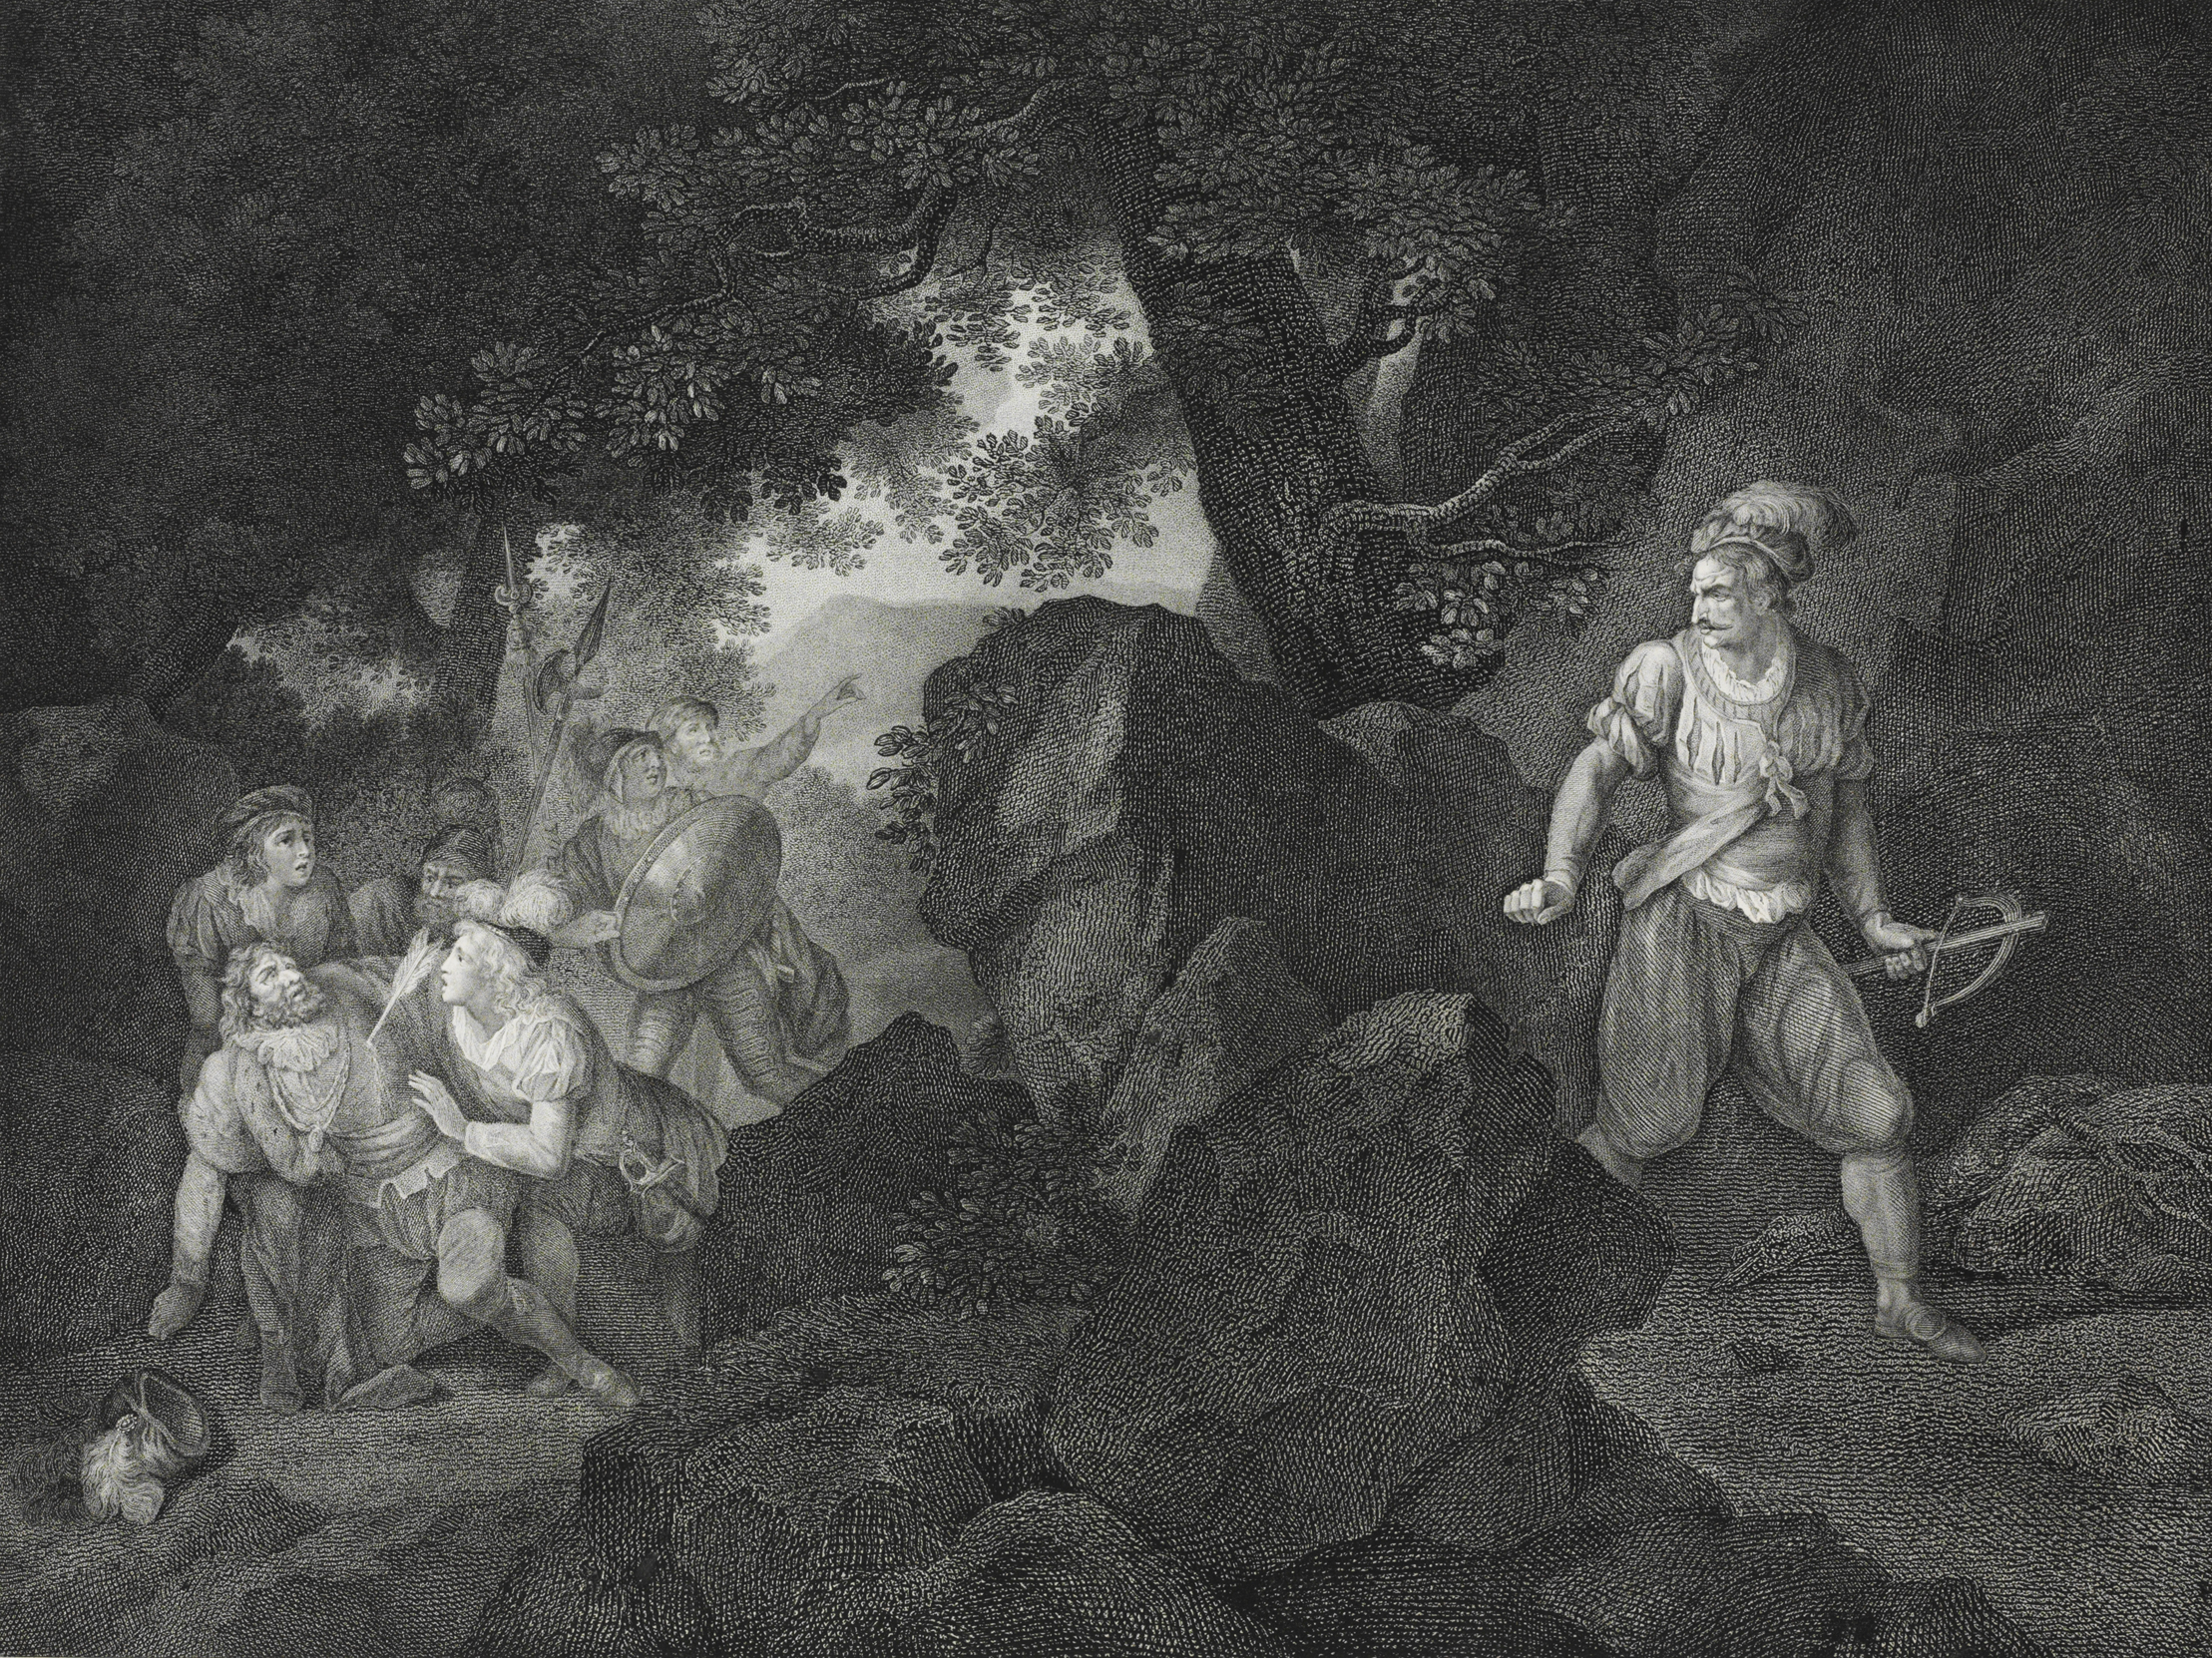 Mort de Gessler, gravure sur cuivre de Romain Girard, 1797